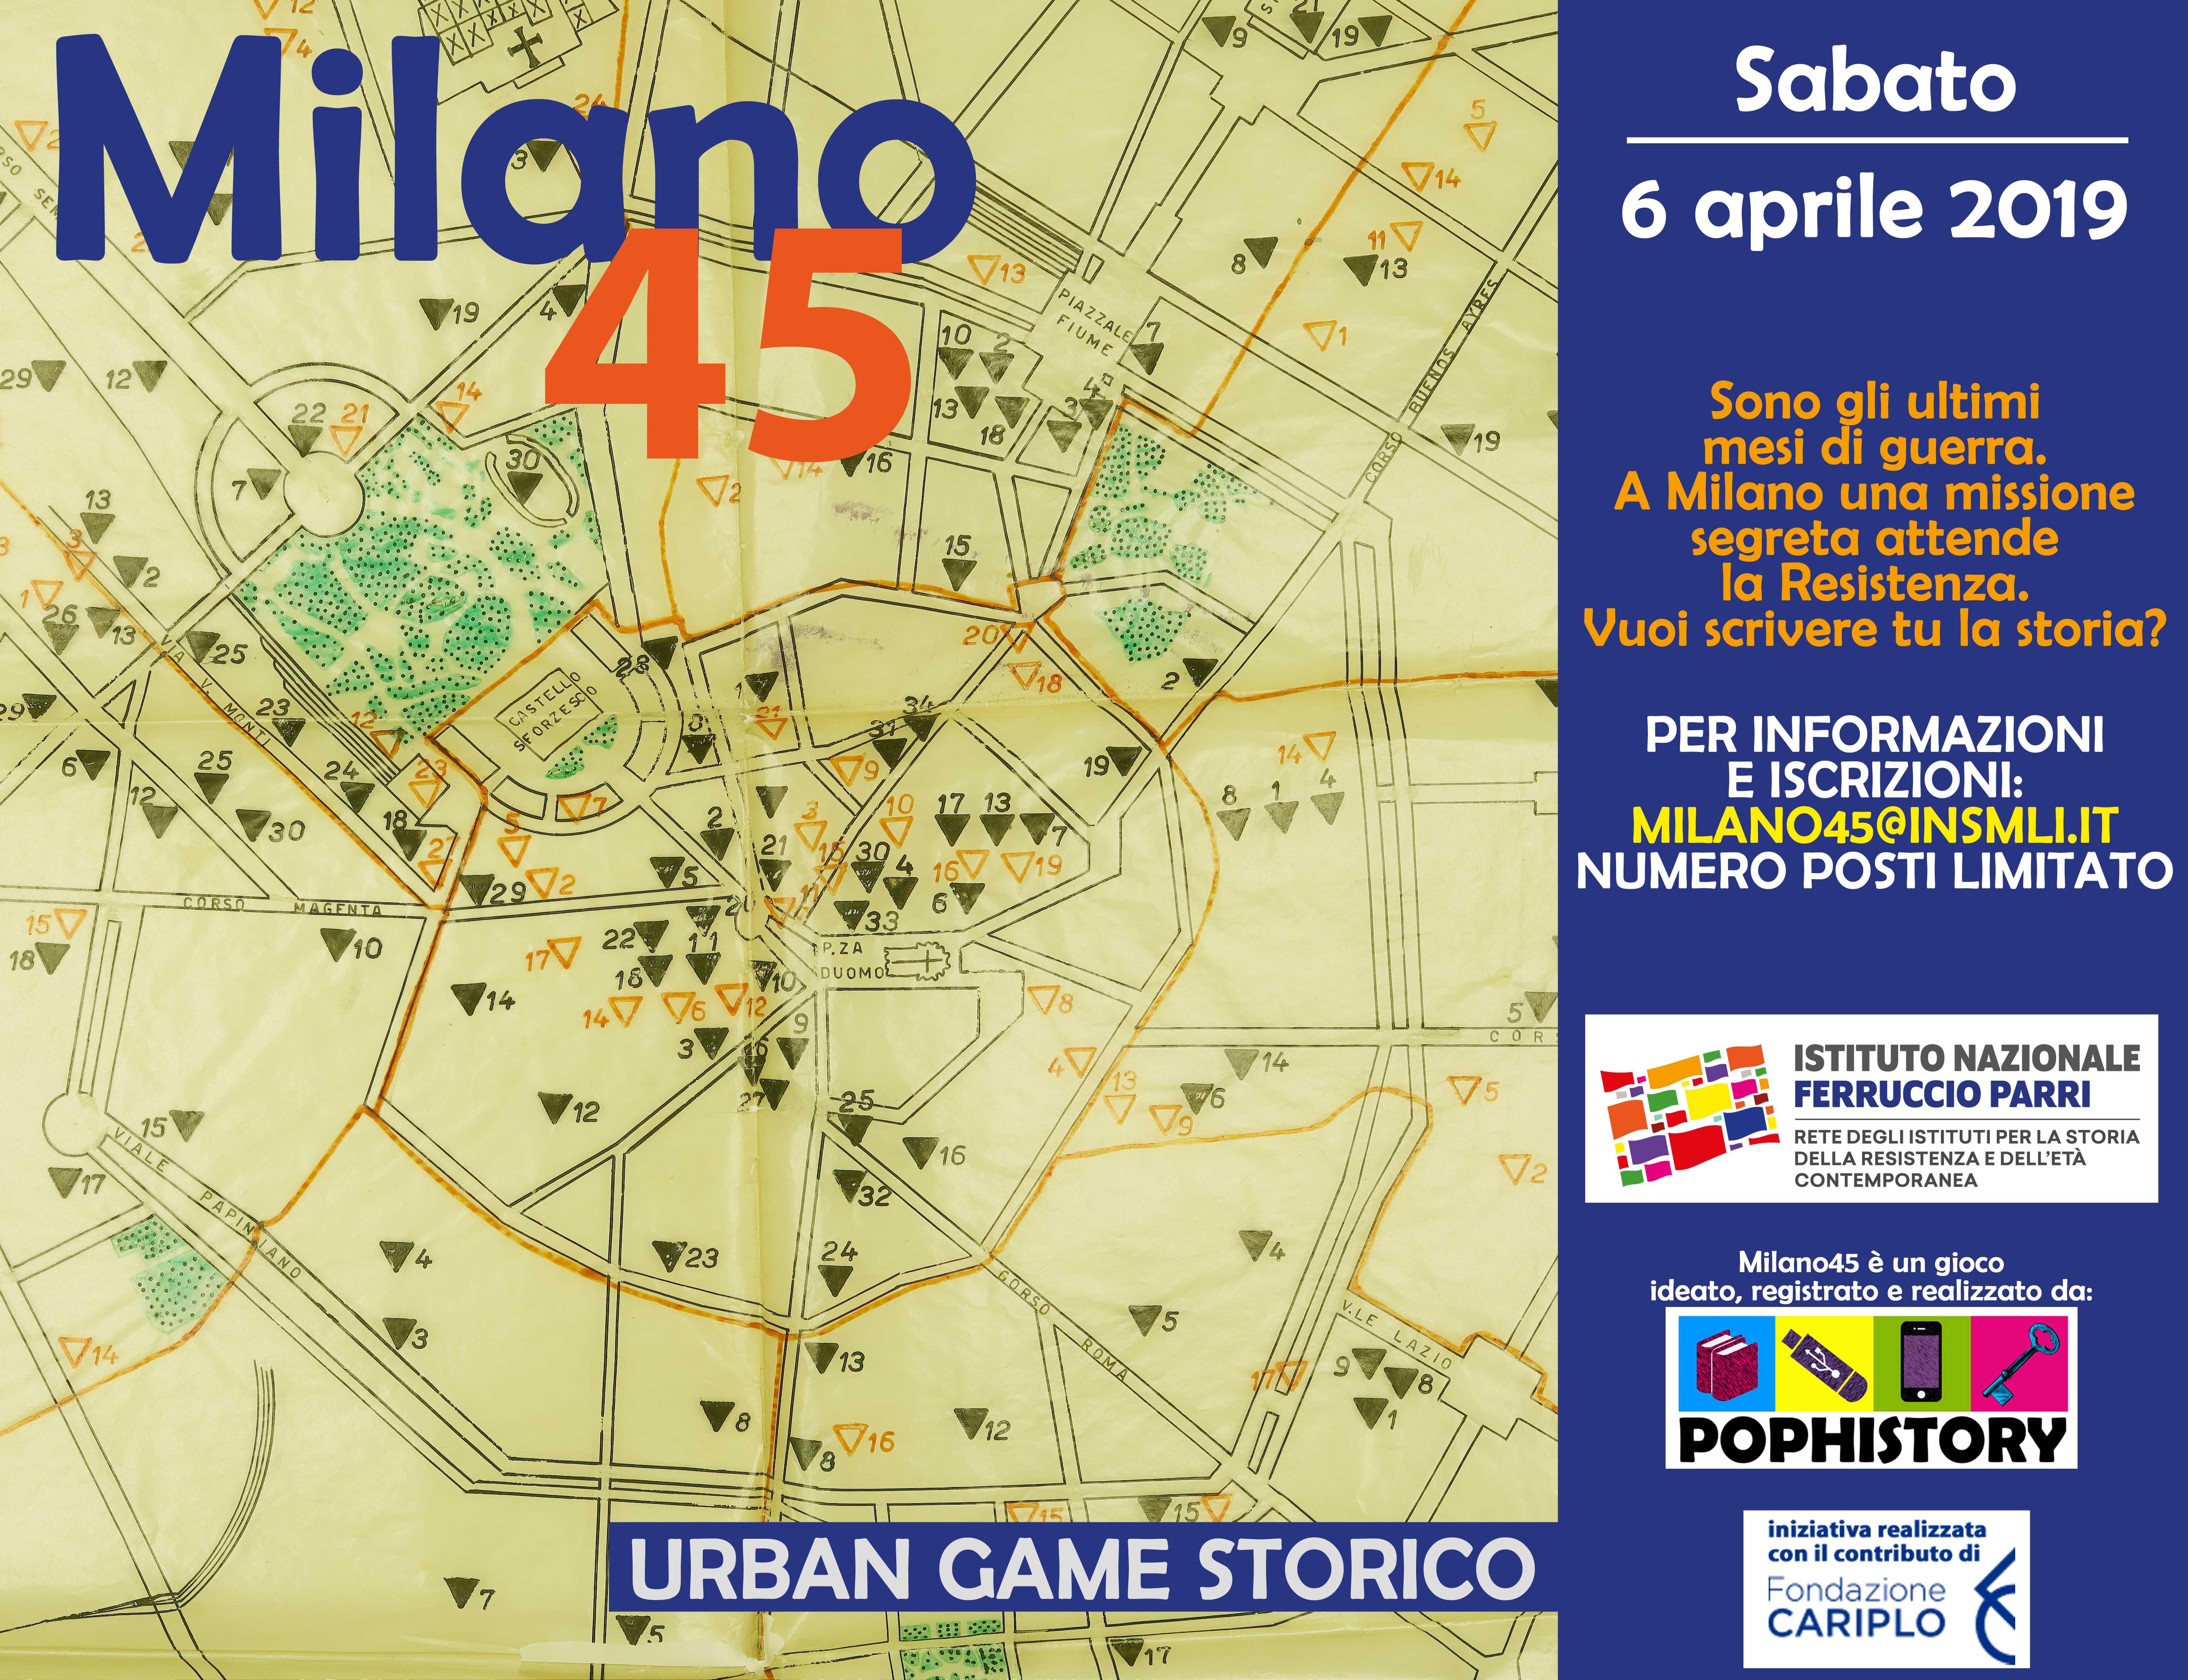 Milano45: urban game storico